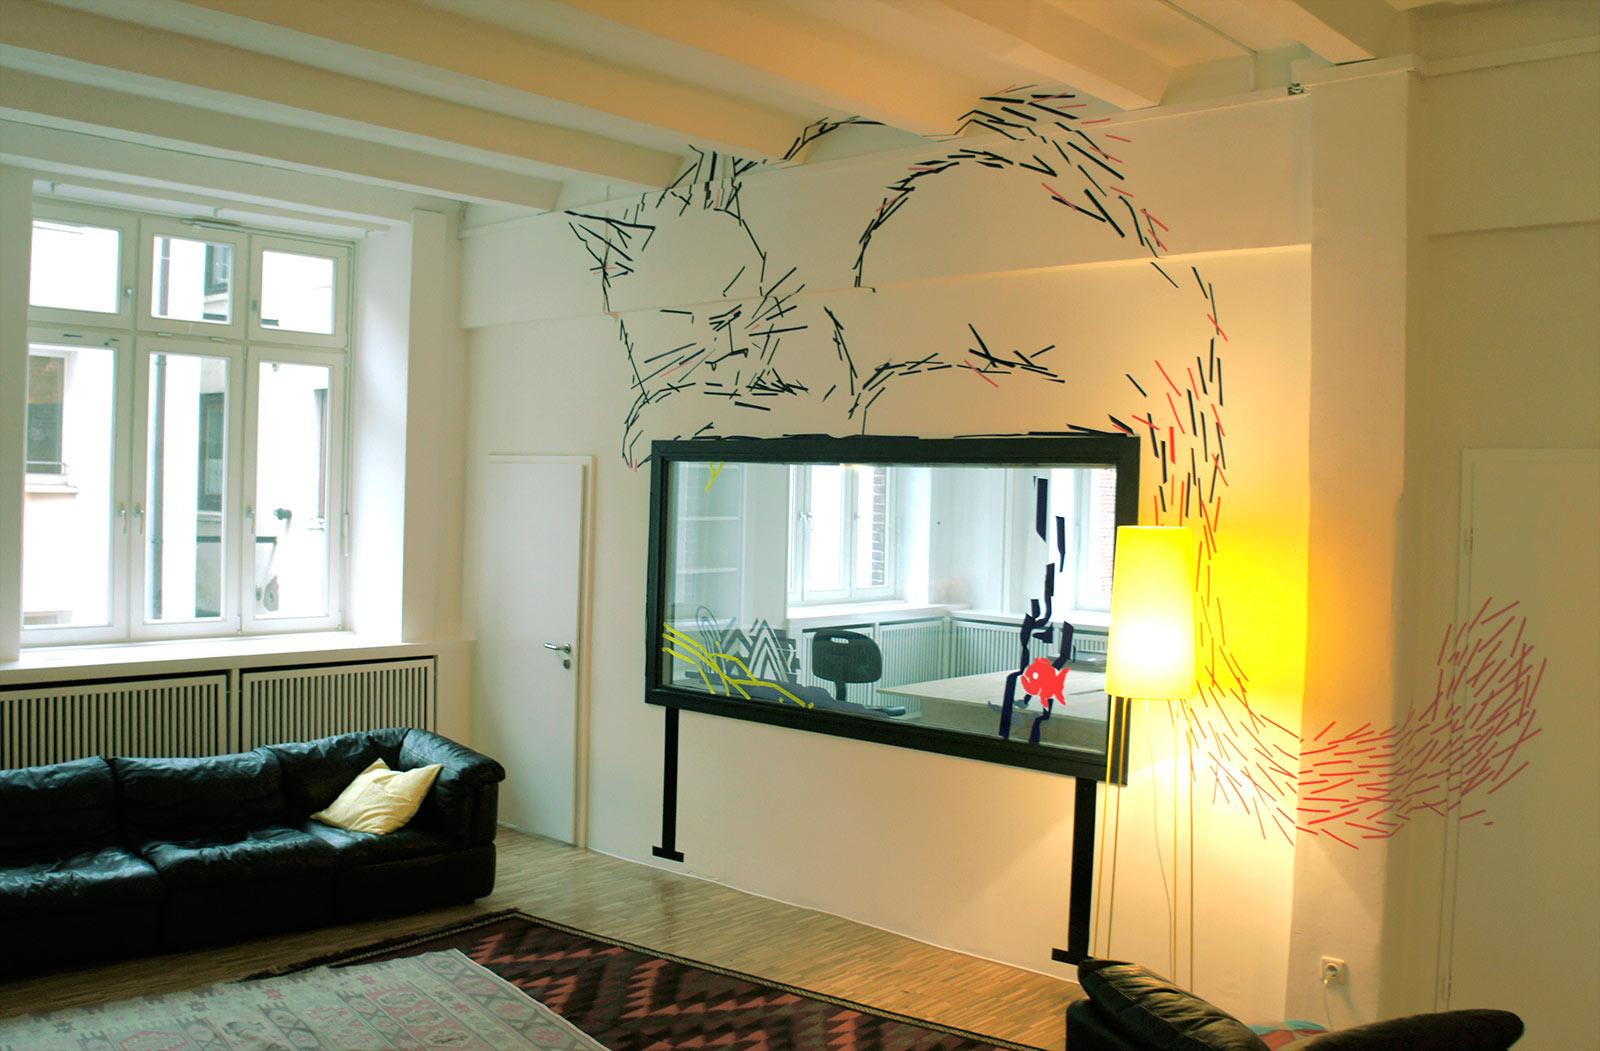 Tapeart – gezeichnet mit Klebeband in der JvM Academy